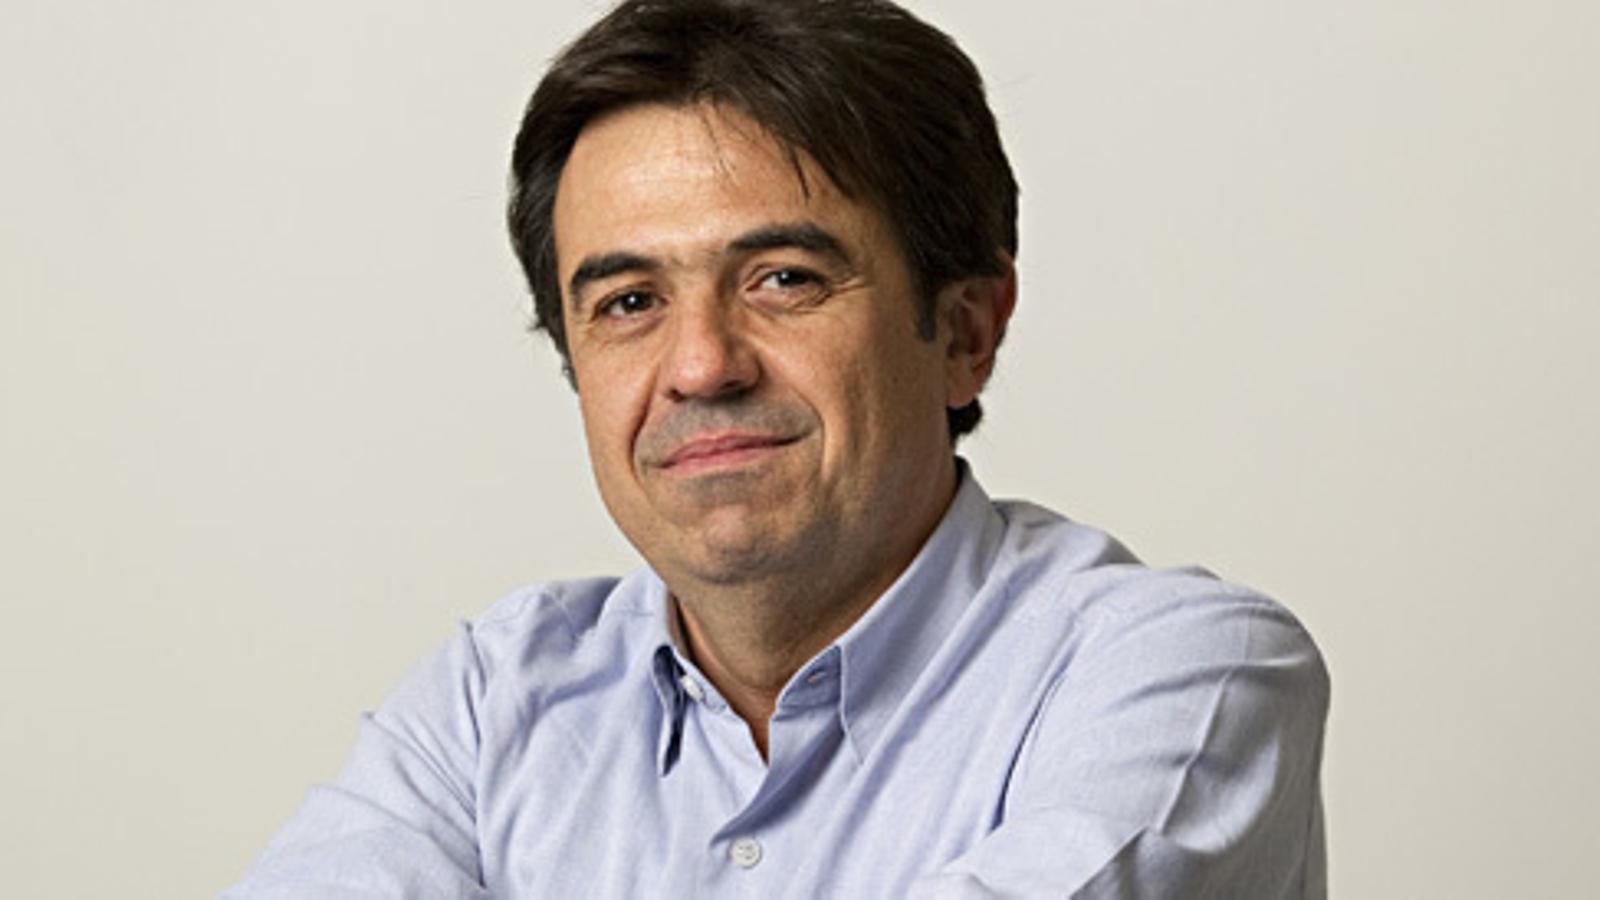 Martí Domínguez guanya el Premi Crítica Serra d'Or amb 'La sega'